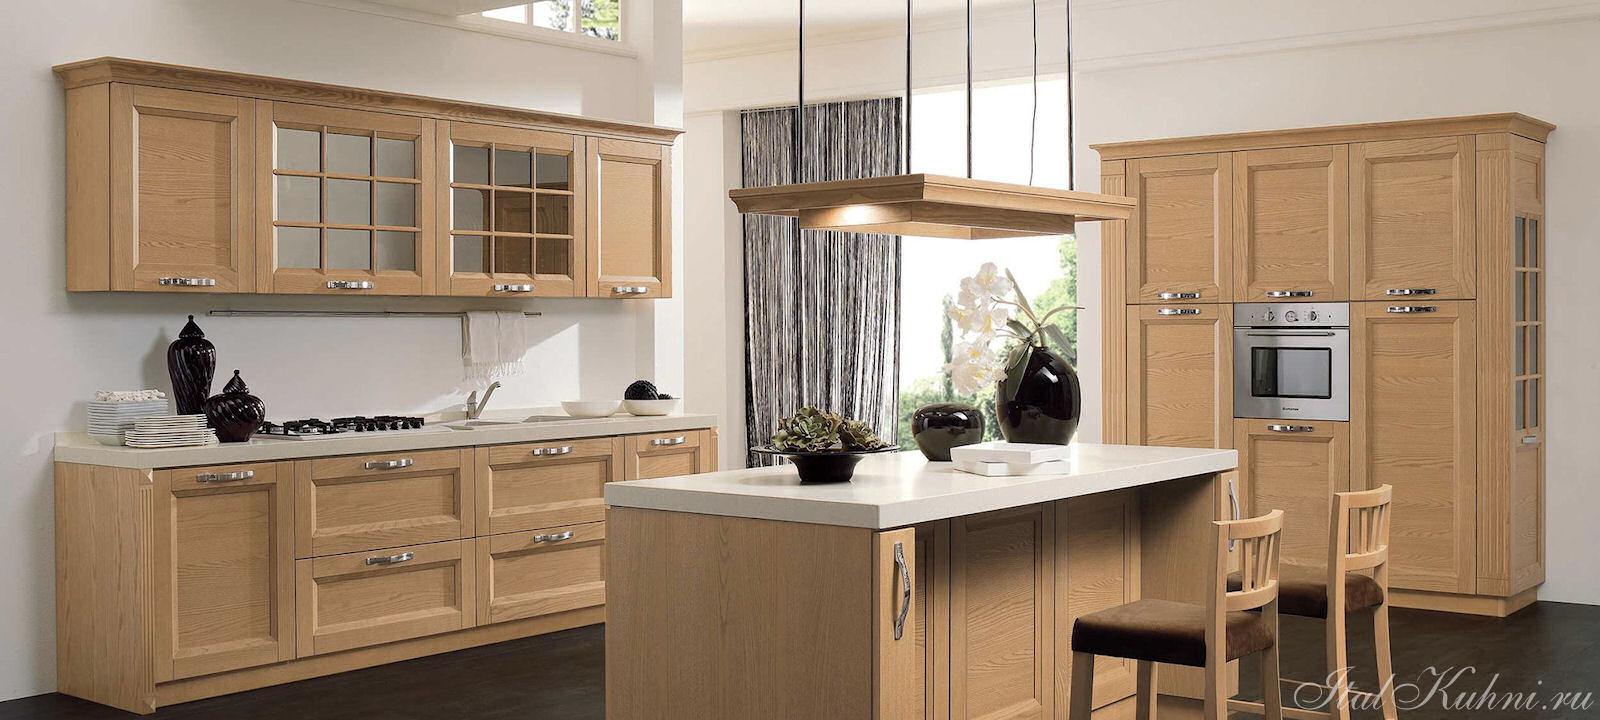 Кухонный гарнитур Stosa